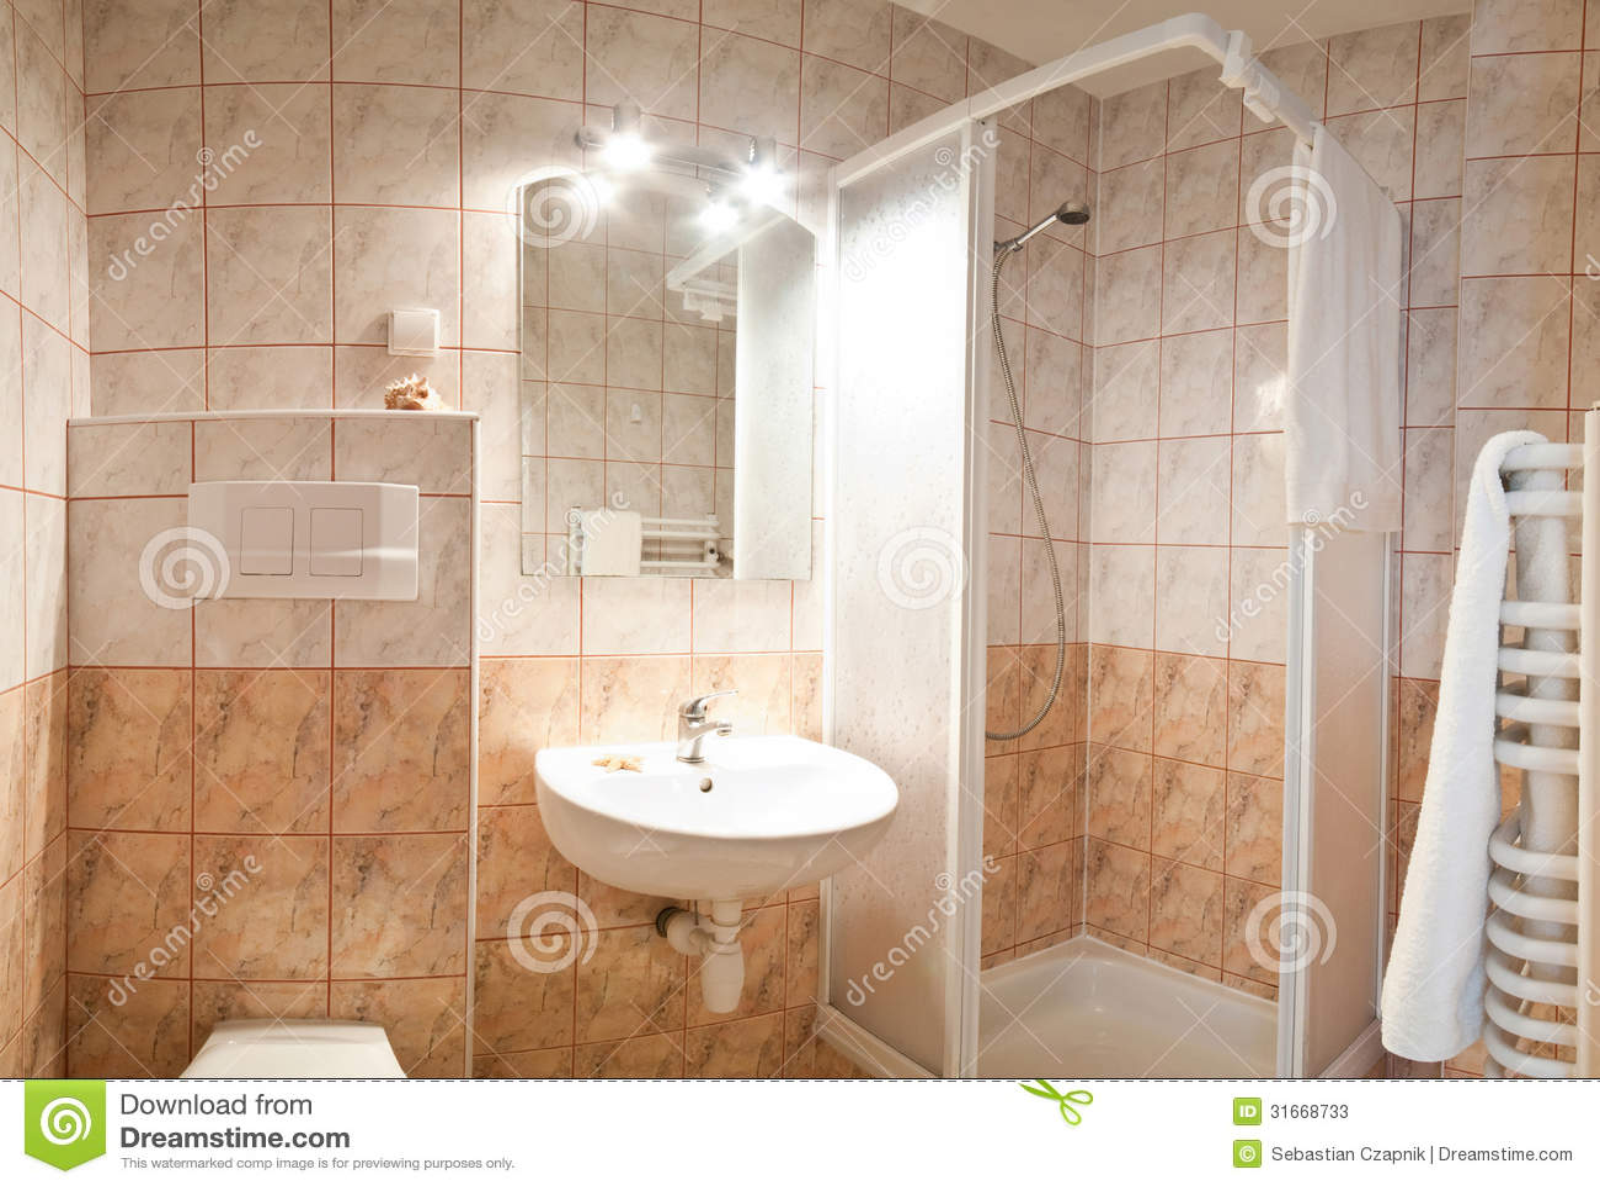 Fotos de Stock: Banheiro moderno luxuoso #84A922 1300 982